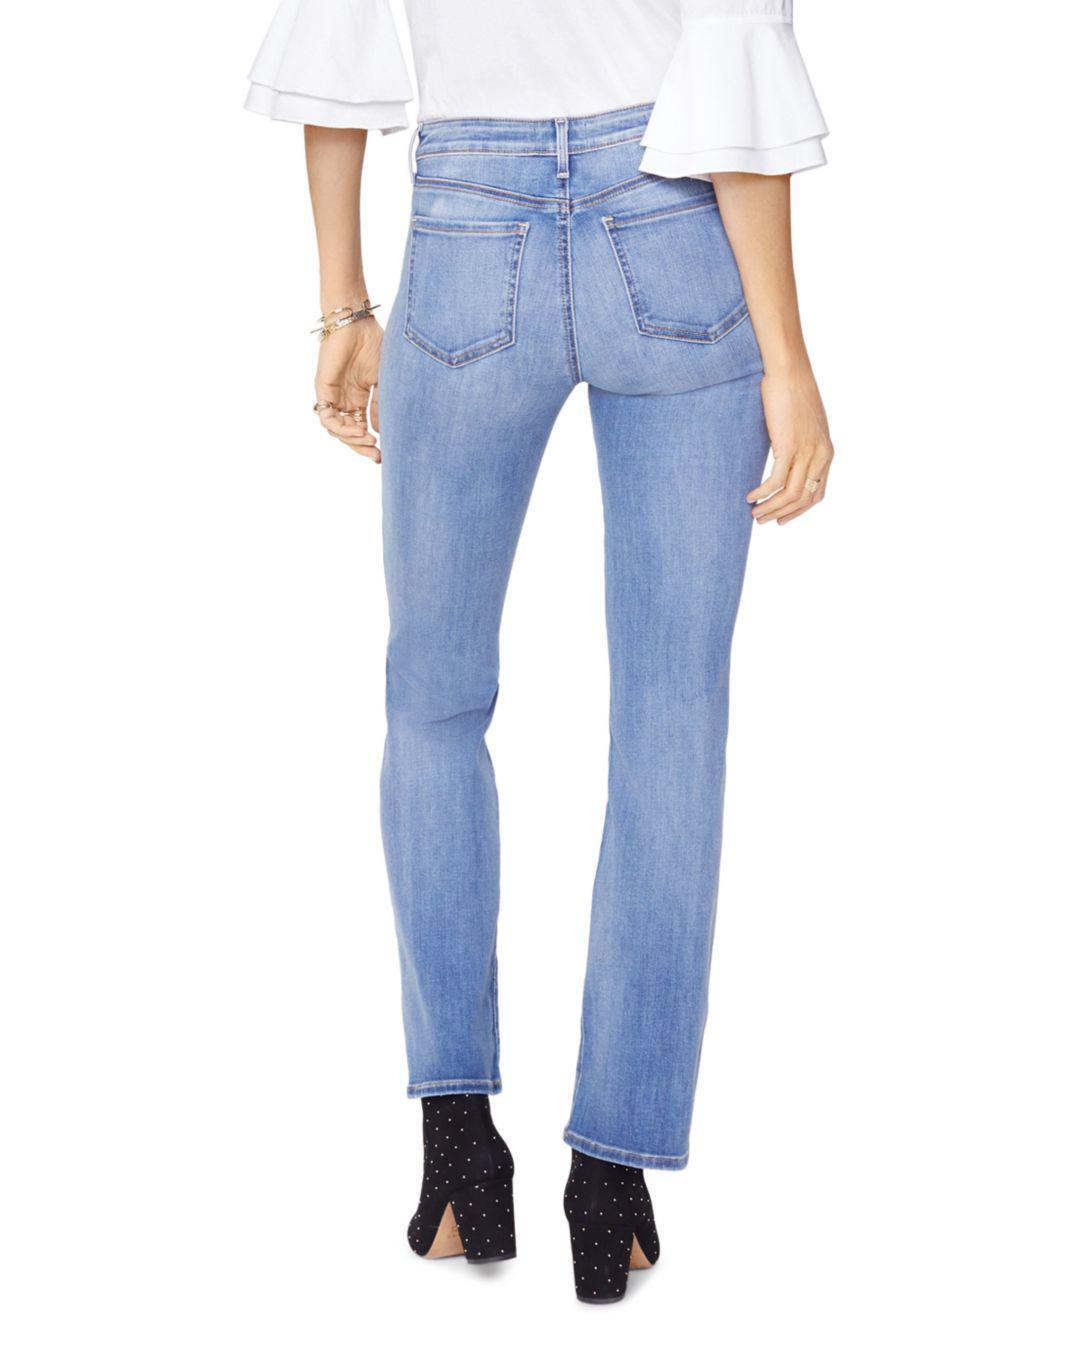 d146b51b0da Lyst - Nydj Petites Barbara Bootcut Jeans In Clean Cabrillo in Blue